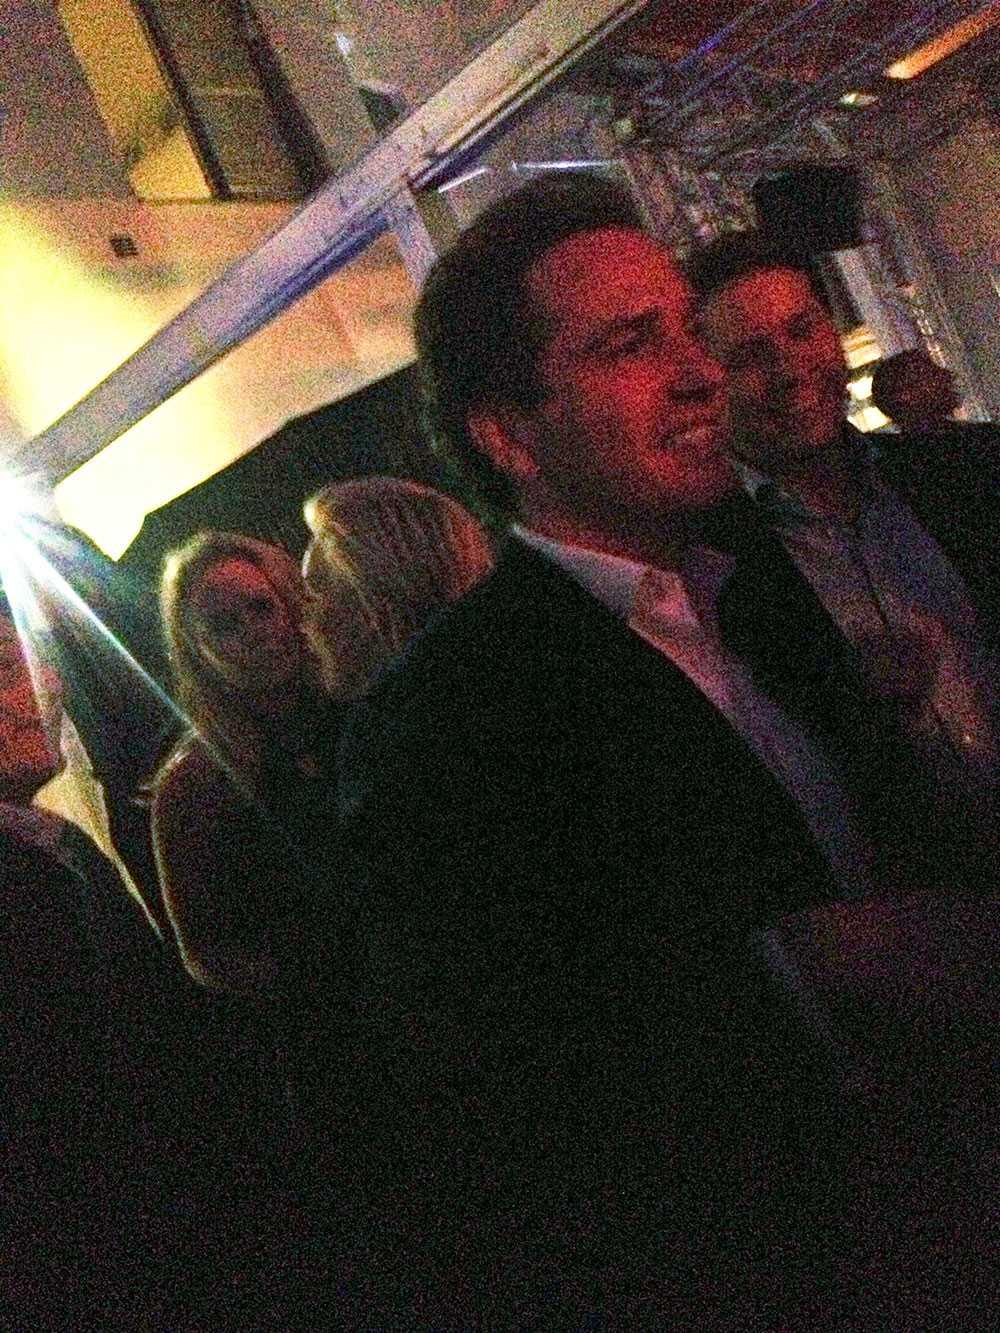 Chris på nattklubben The Wall, dit sällskapet åkte efter att de var på Sturehof.